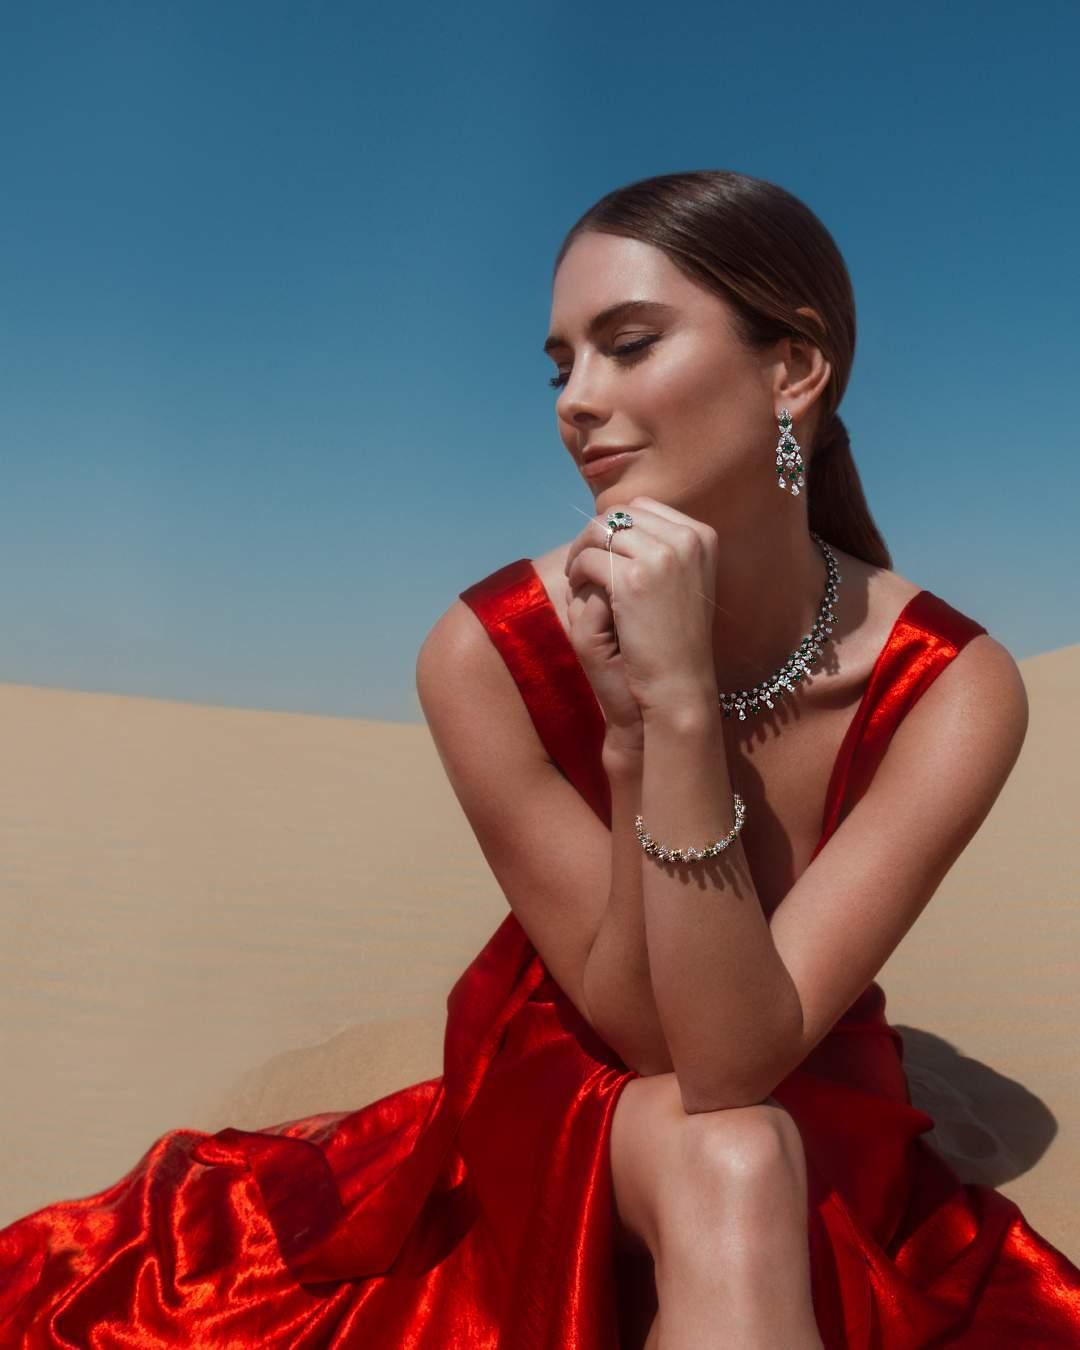 دار معوض للمجوهرات الراقية تطلق حملة الروائع الطبيعية